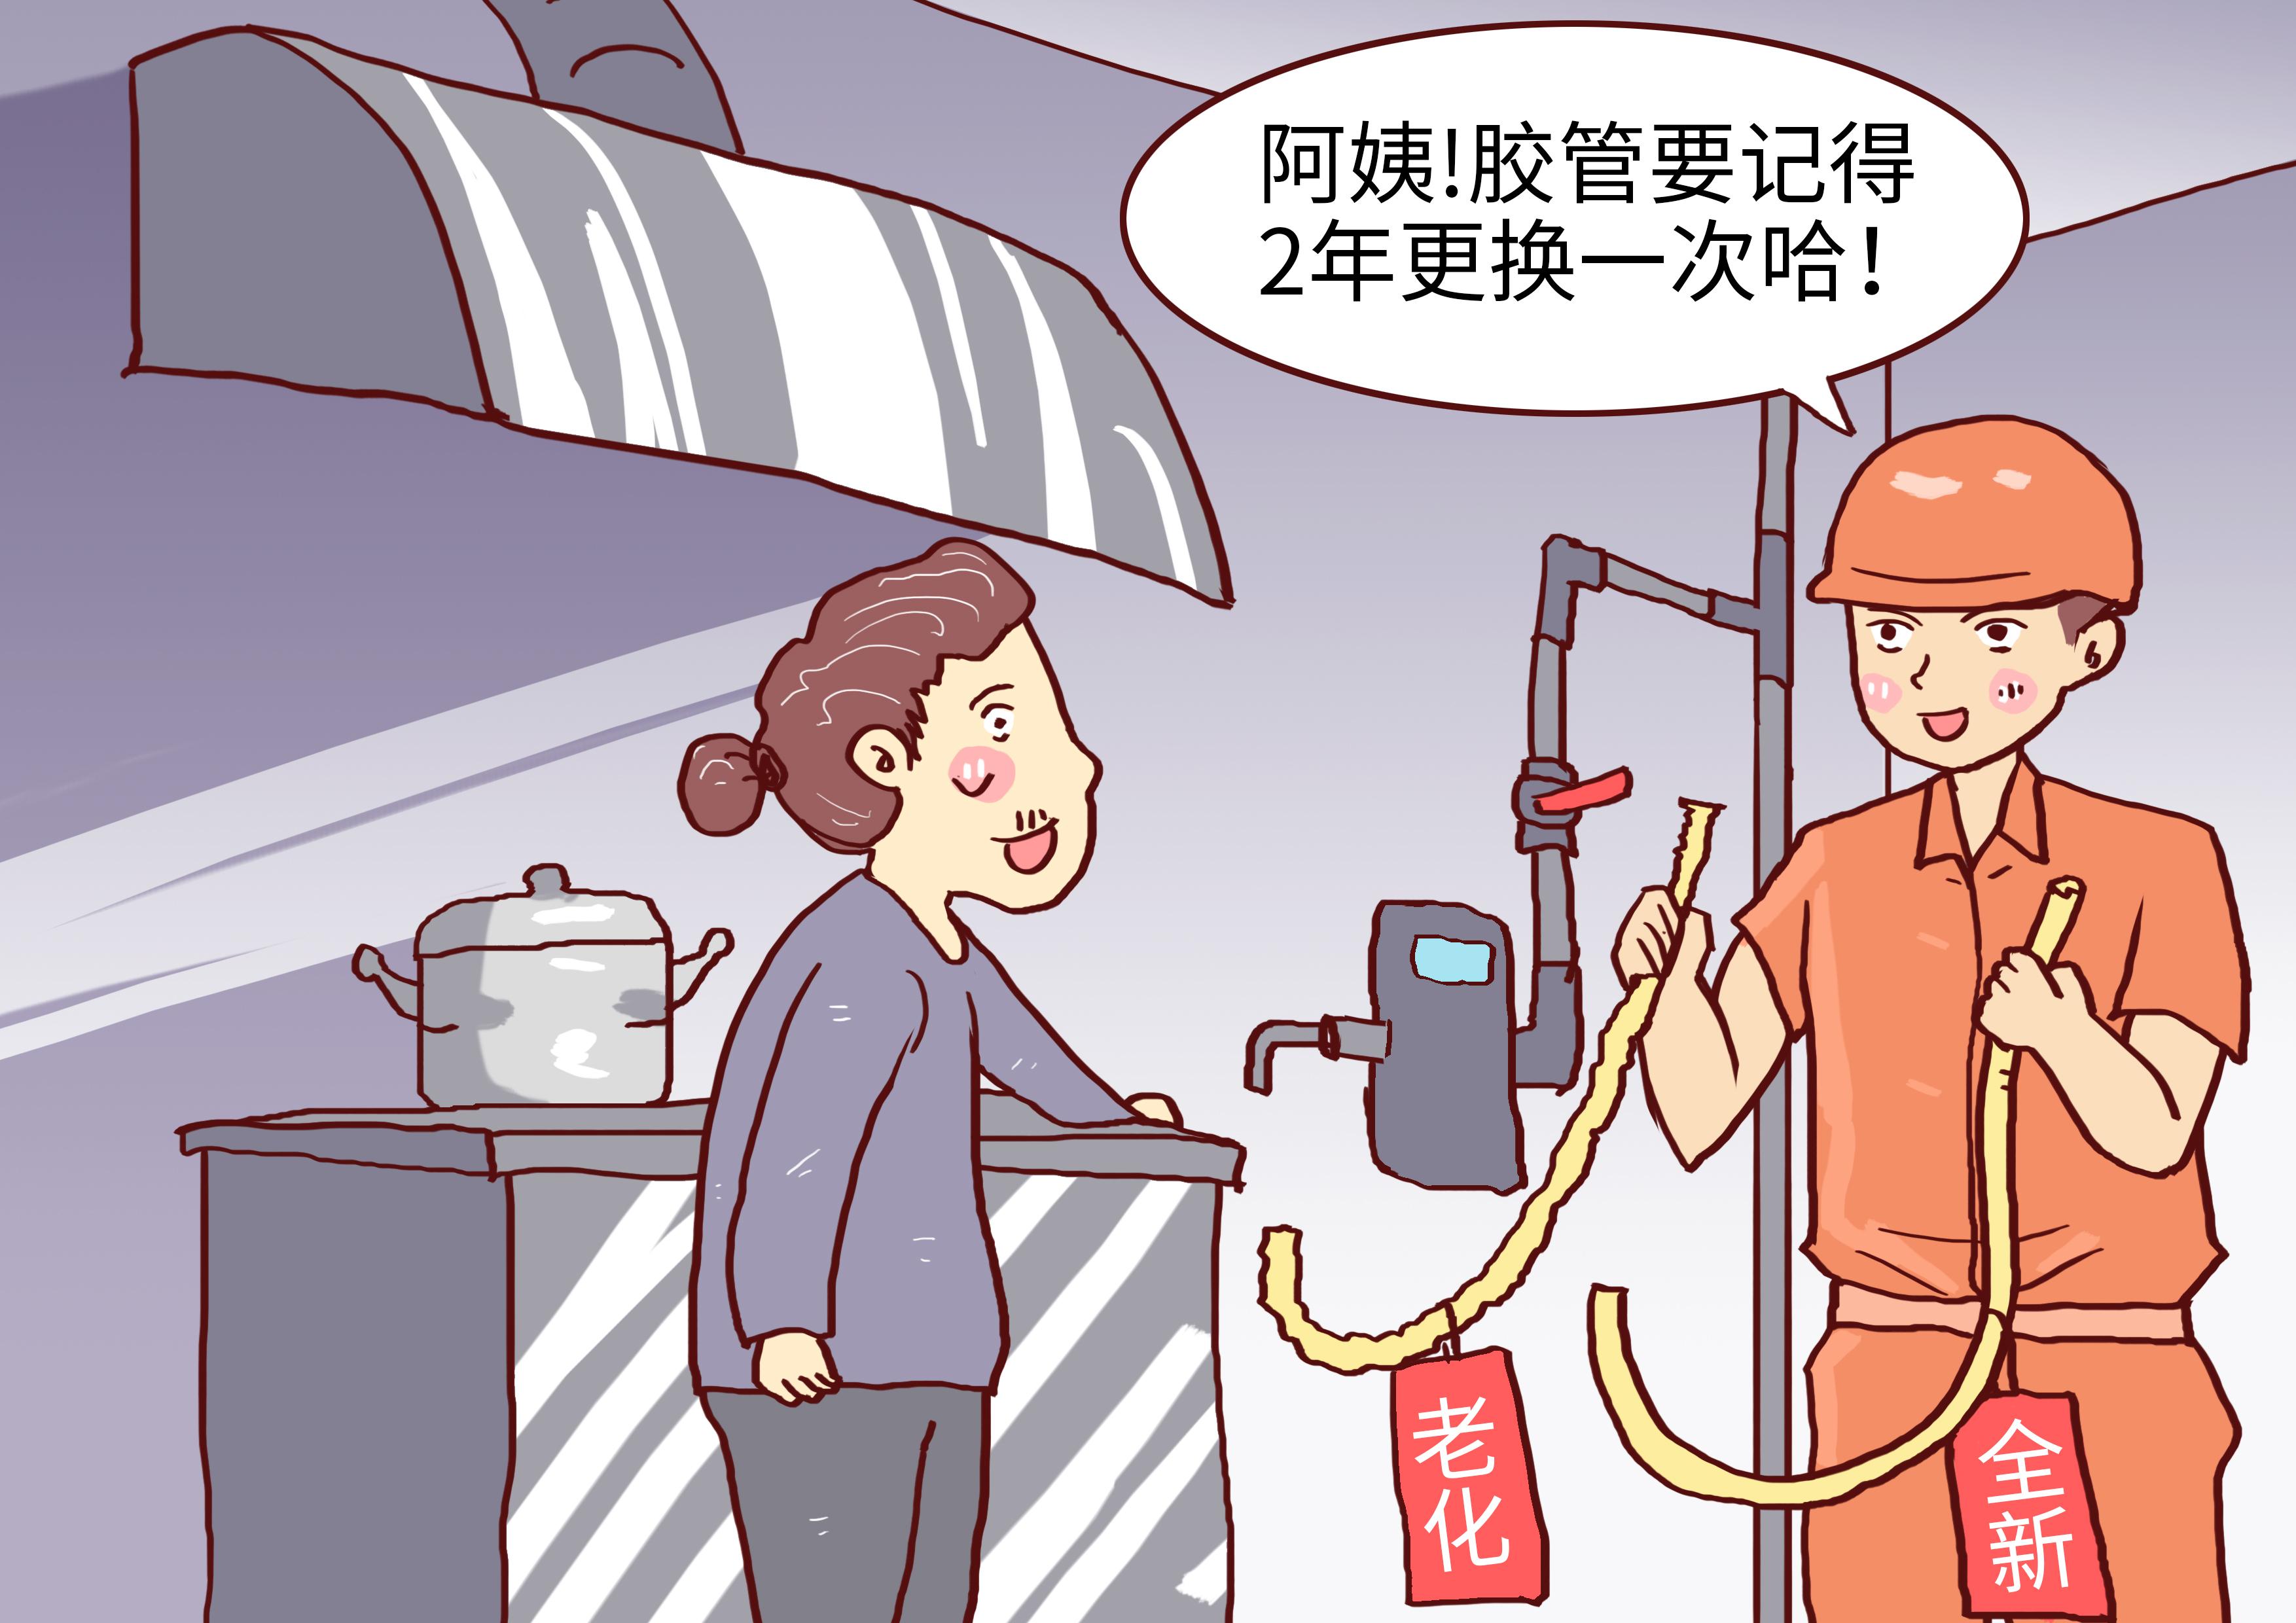 如何利用家用天然气泄漏报警器预防厨房燃气泄漏